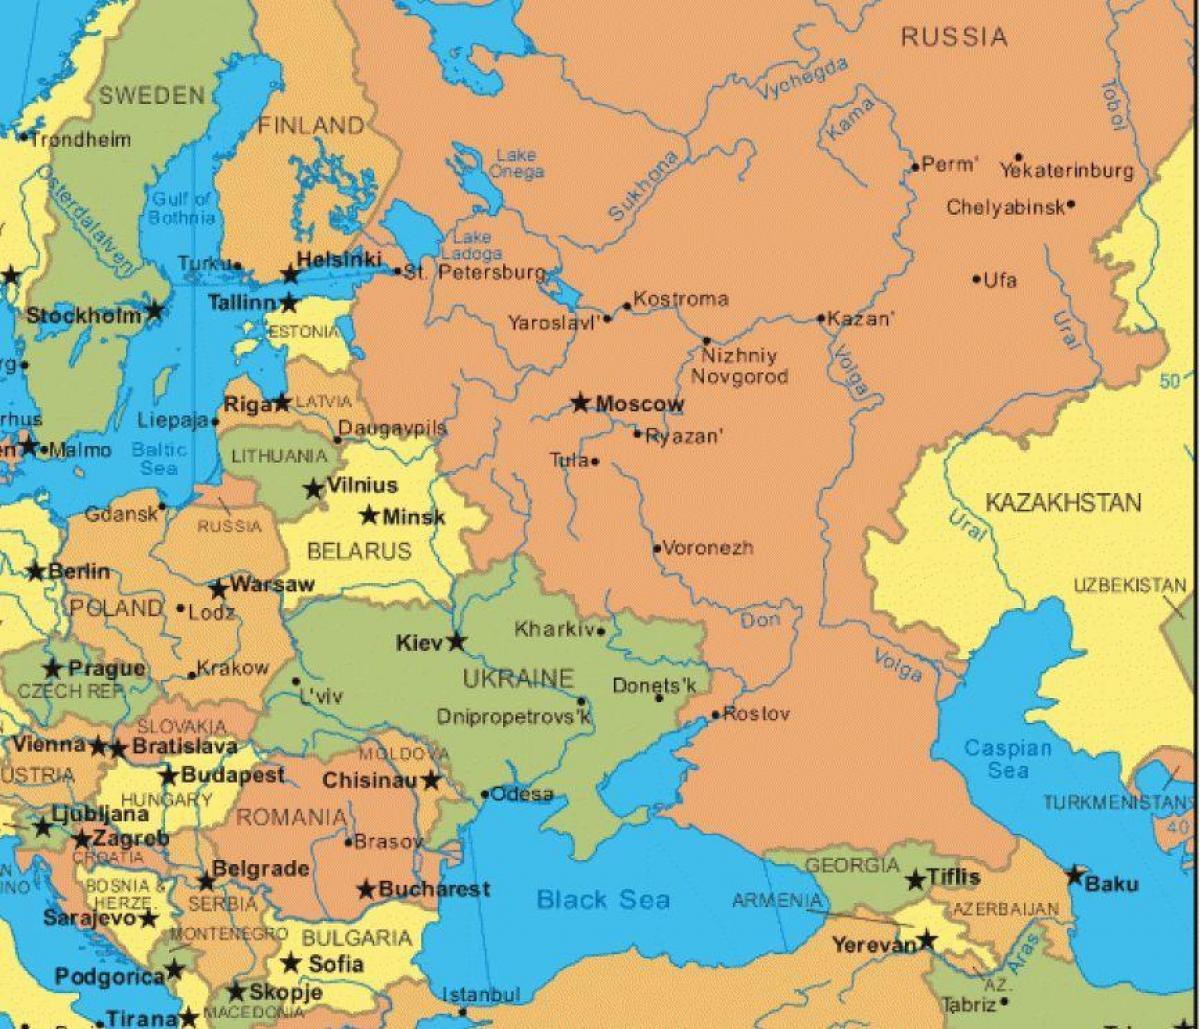 خريطة أوروبا الشرقية و روسيا أوروبا الشرقية وروسيا خريطة شرق أوروبا أوروبا